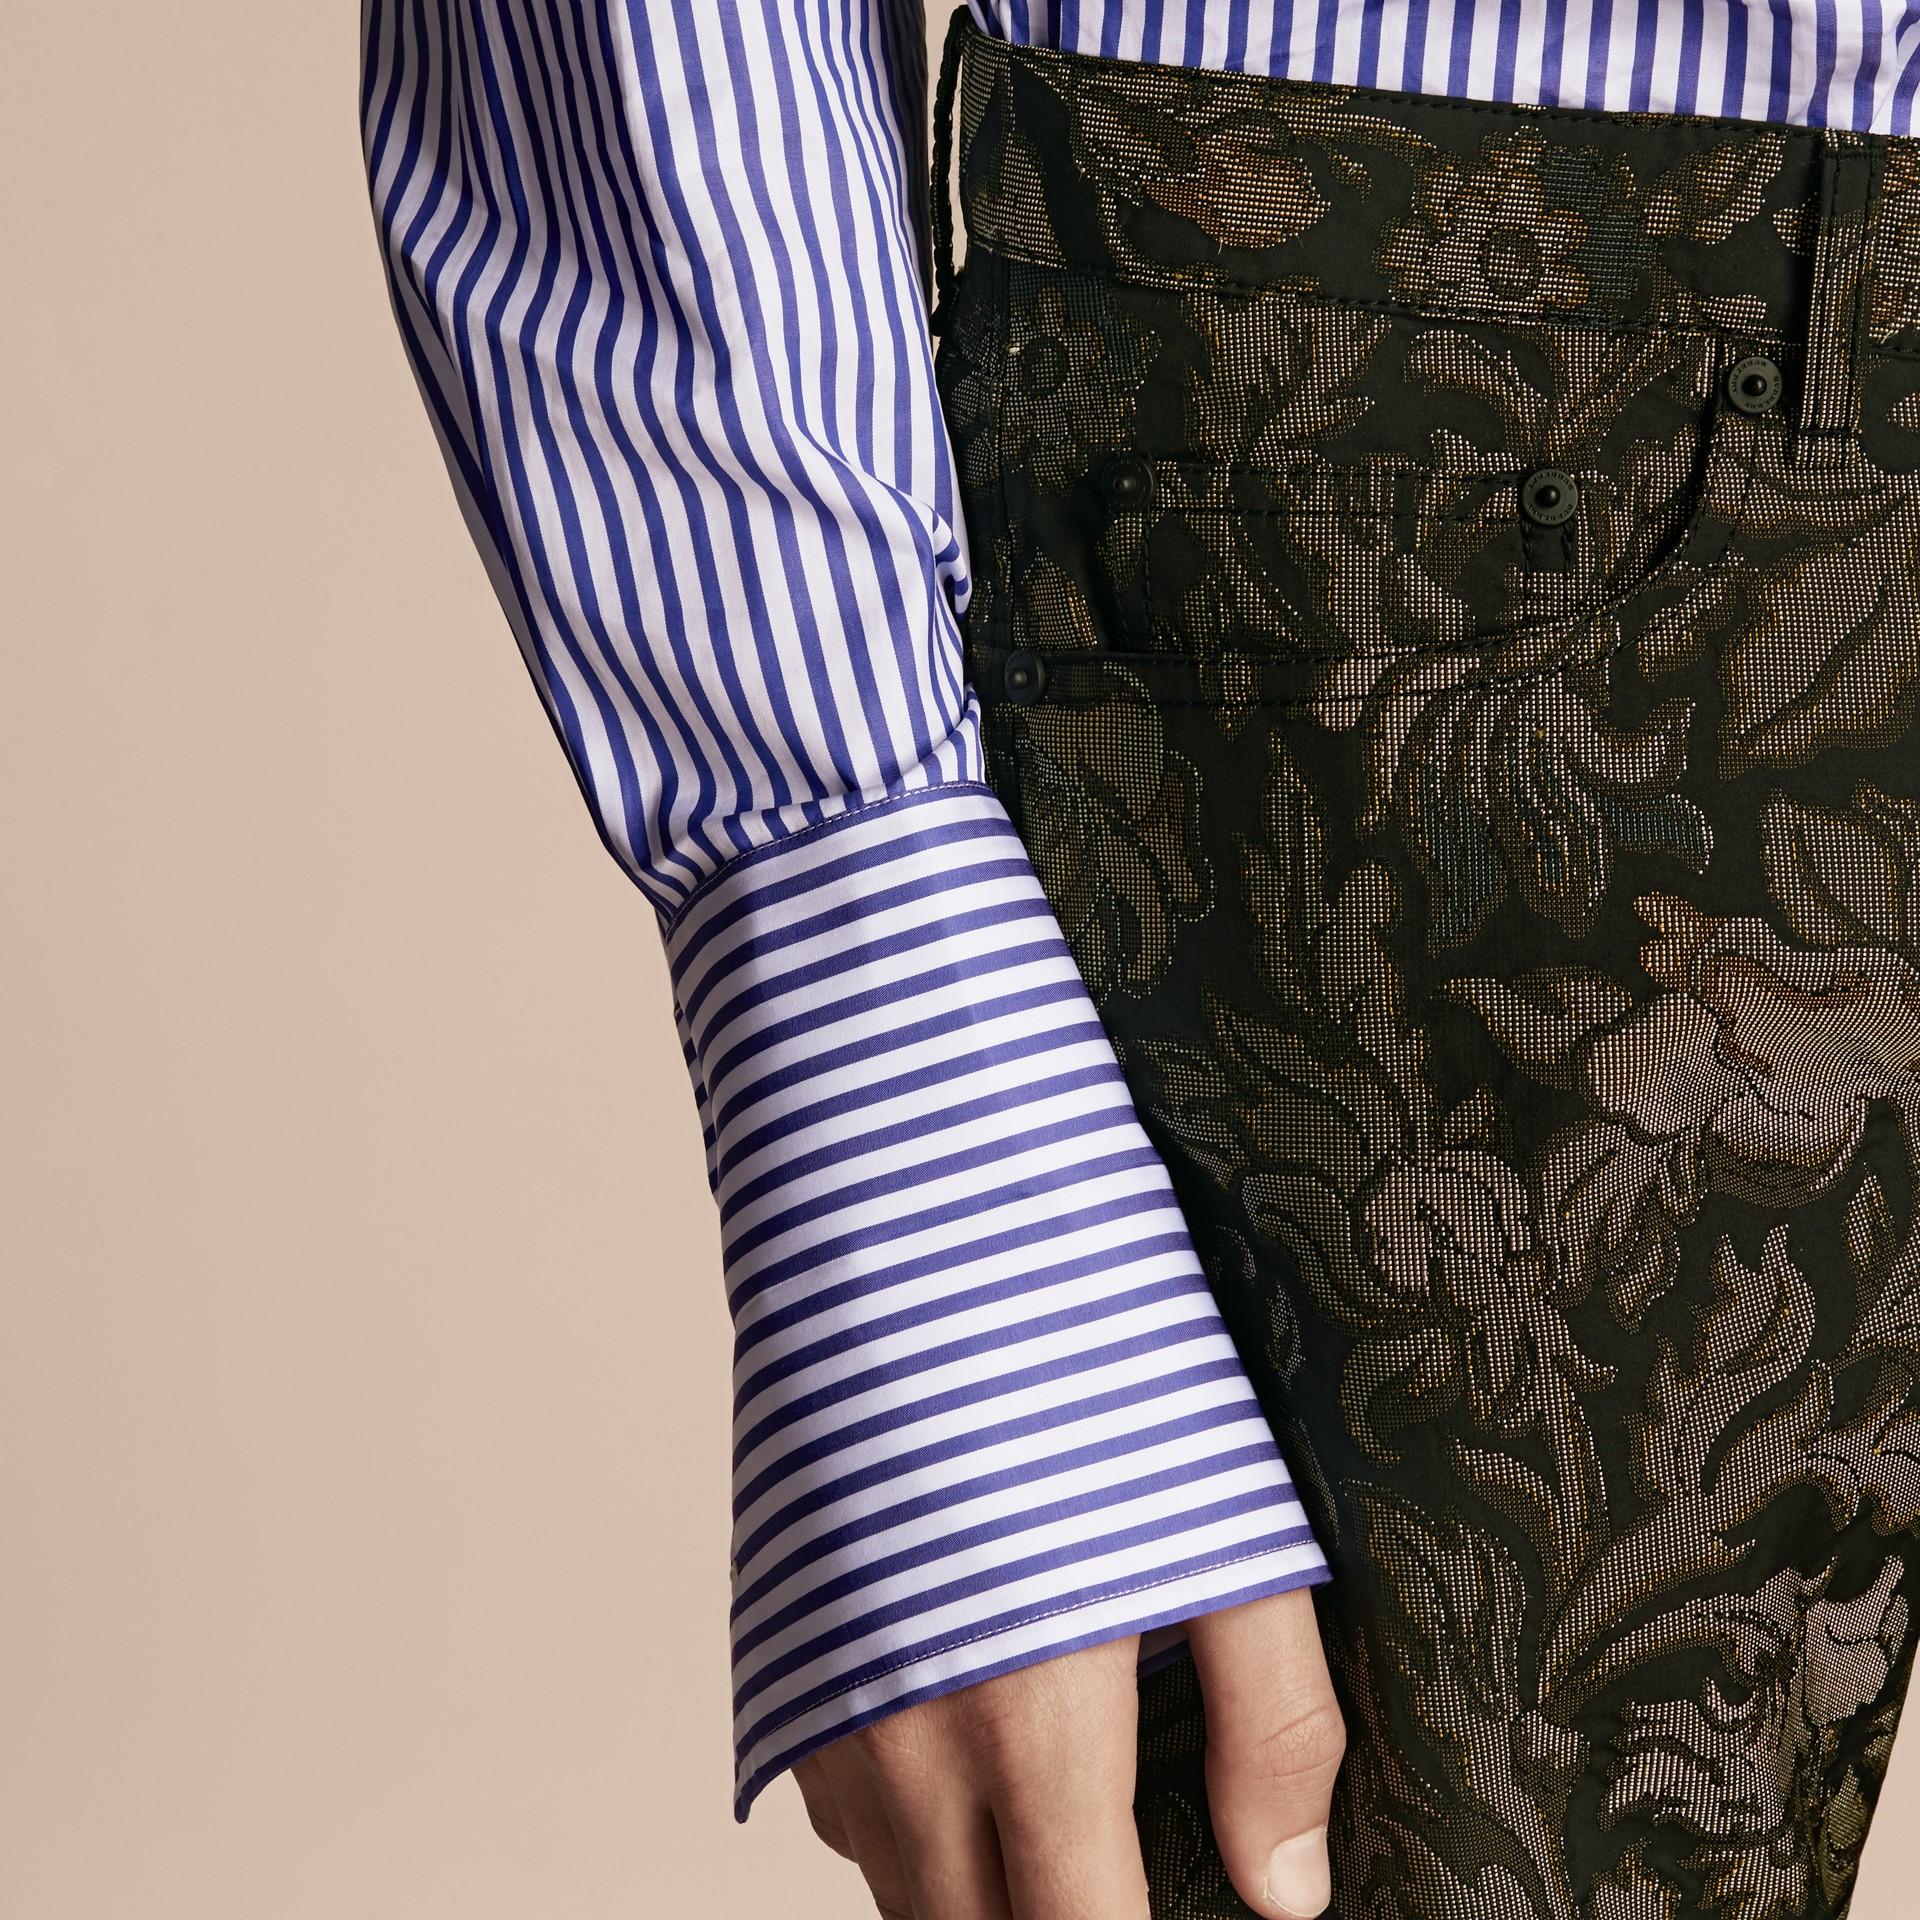 Шалфей Узкие джинсы с цветочным узором Шалфей - изображение 5